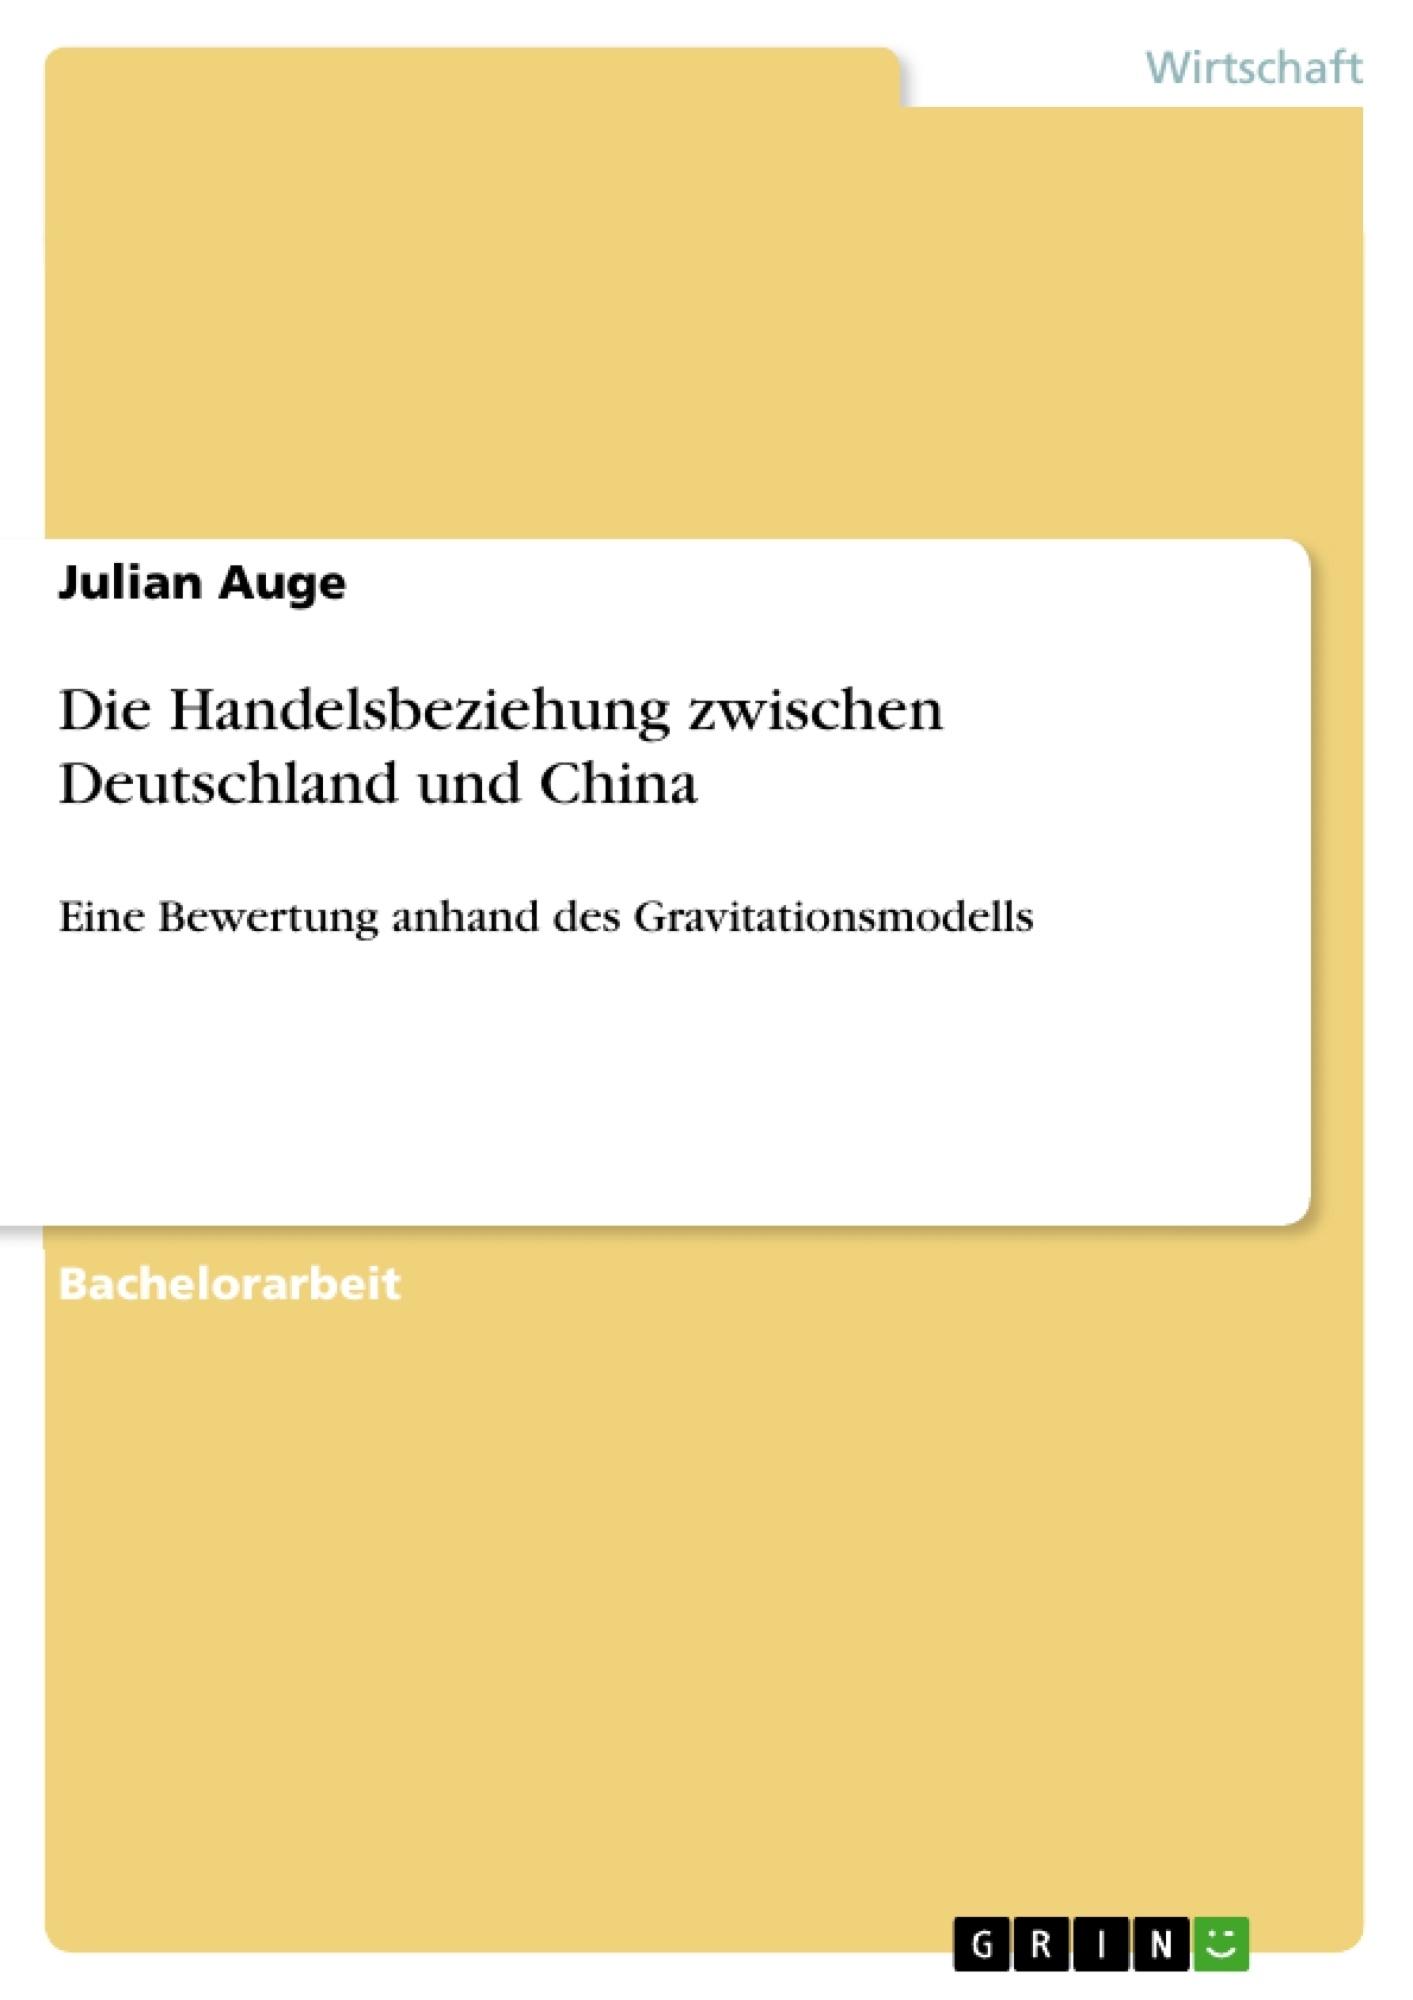 Titel: Die Handelsbeziehung zwischen Deutschland und China